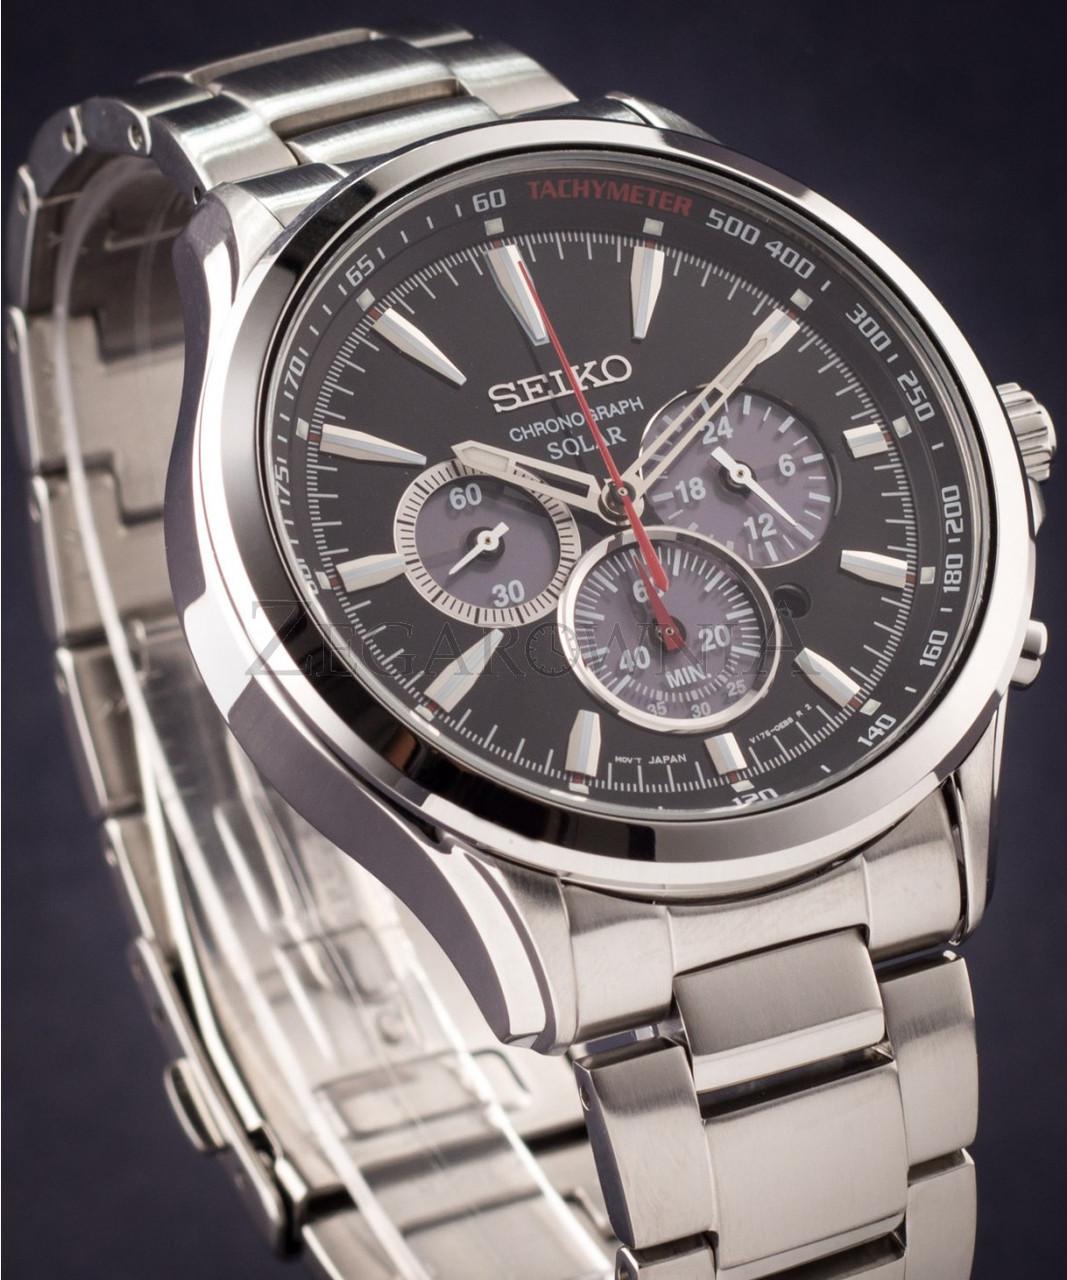 Часы Seiko SSC493P1 хронограф SOLAR V175